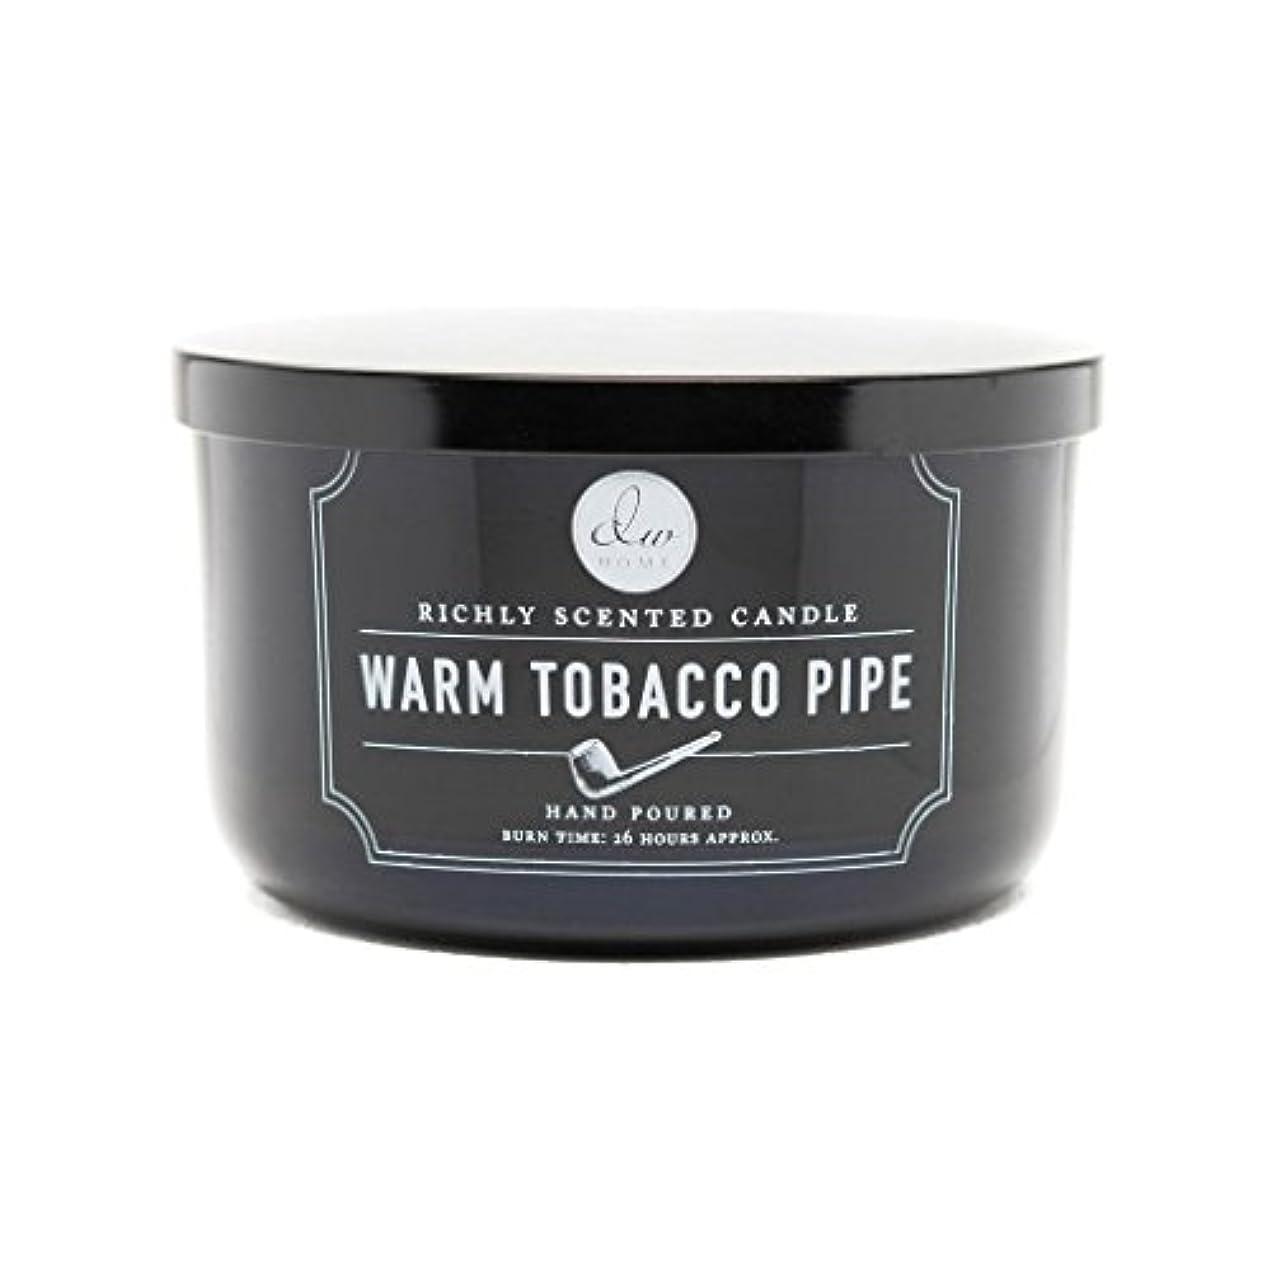 中級フルーティー農村Decoware Richly Scented Warm Tobacco Pipe 3-Wick Candle 13.8 Oz. In Glass by Decoware